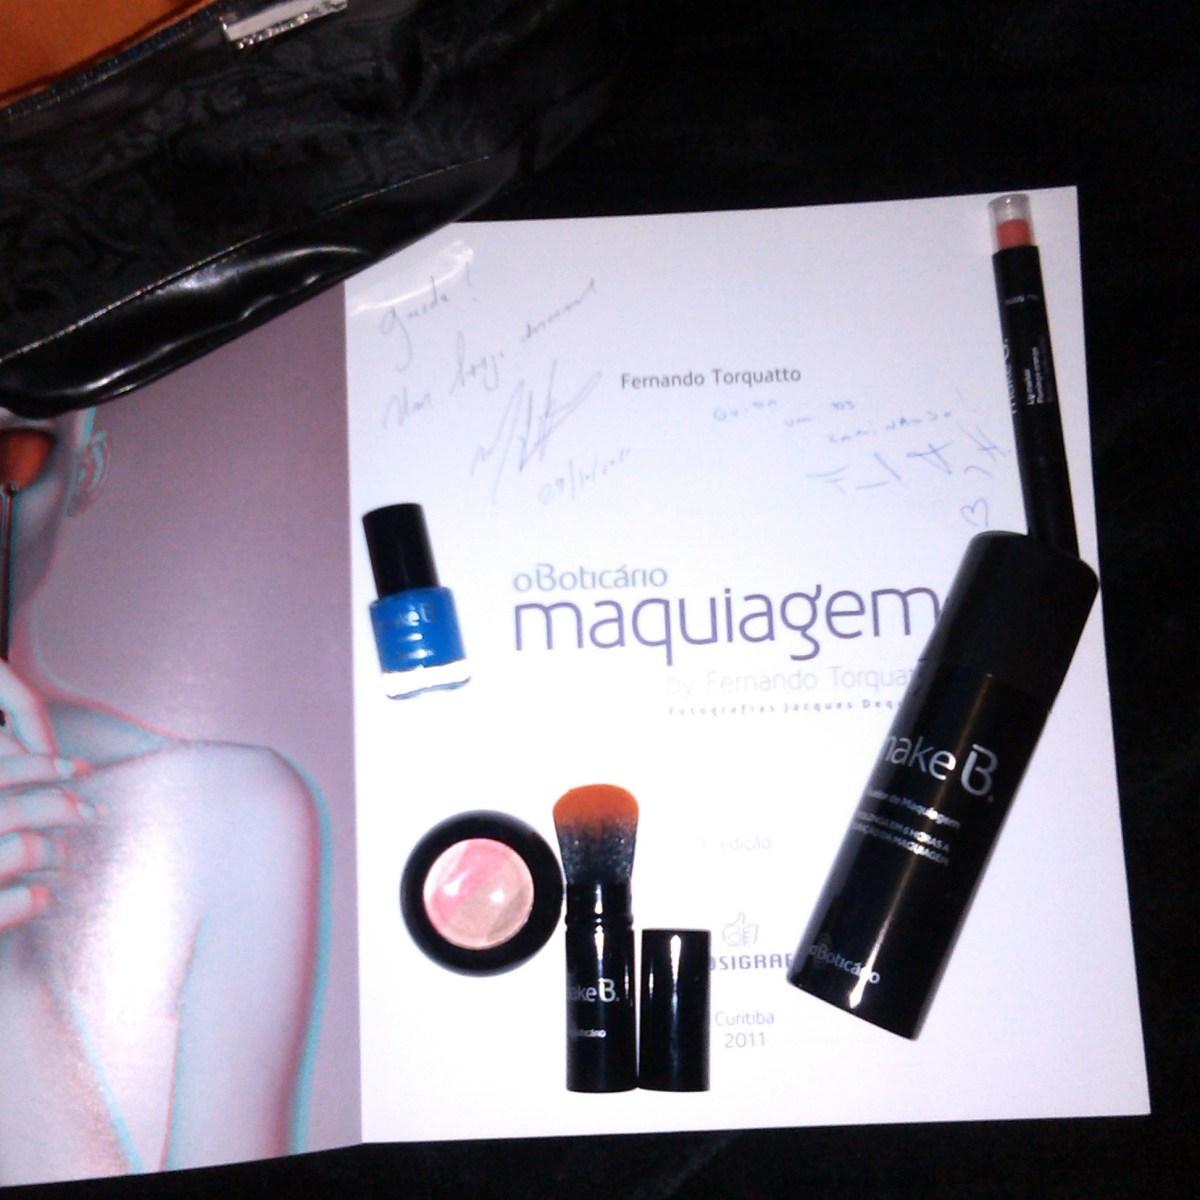 maquiagem maquilhagem makeup make b boticário miami sunset fernando torquatto globo resenha review swatch livro